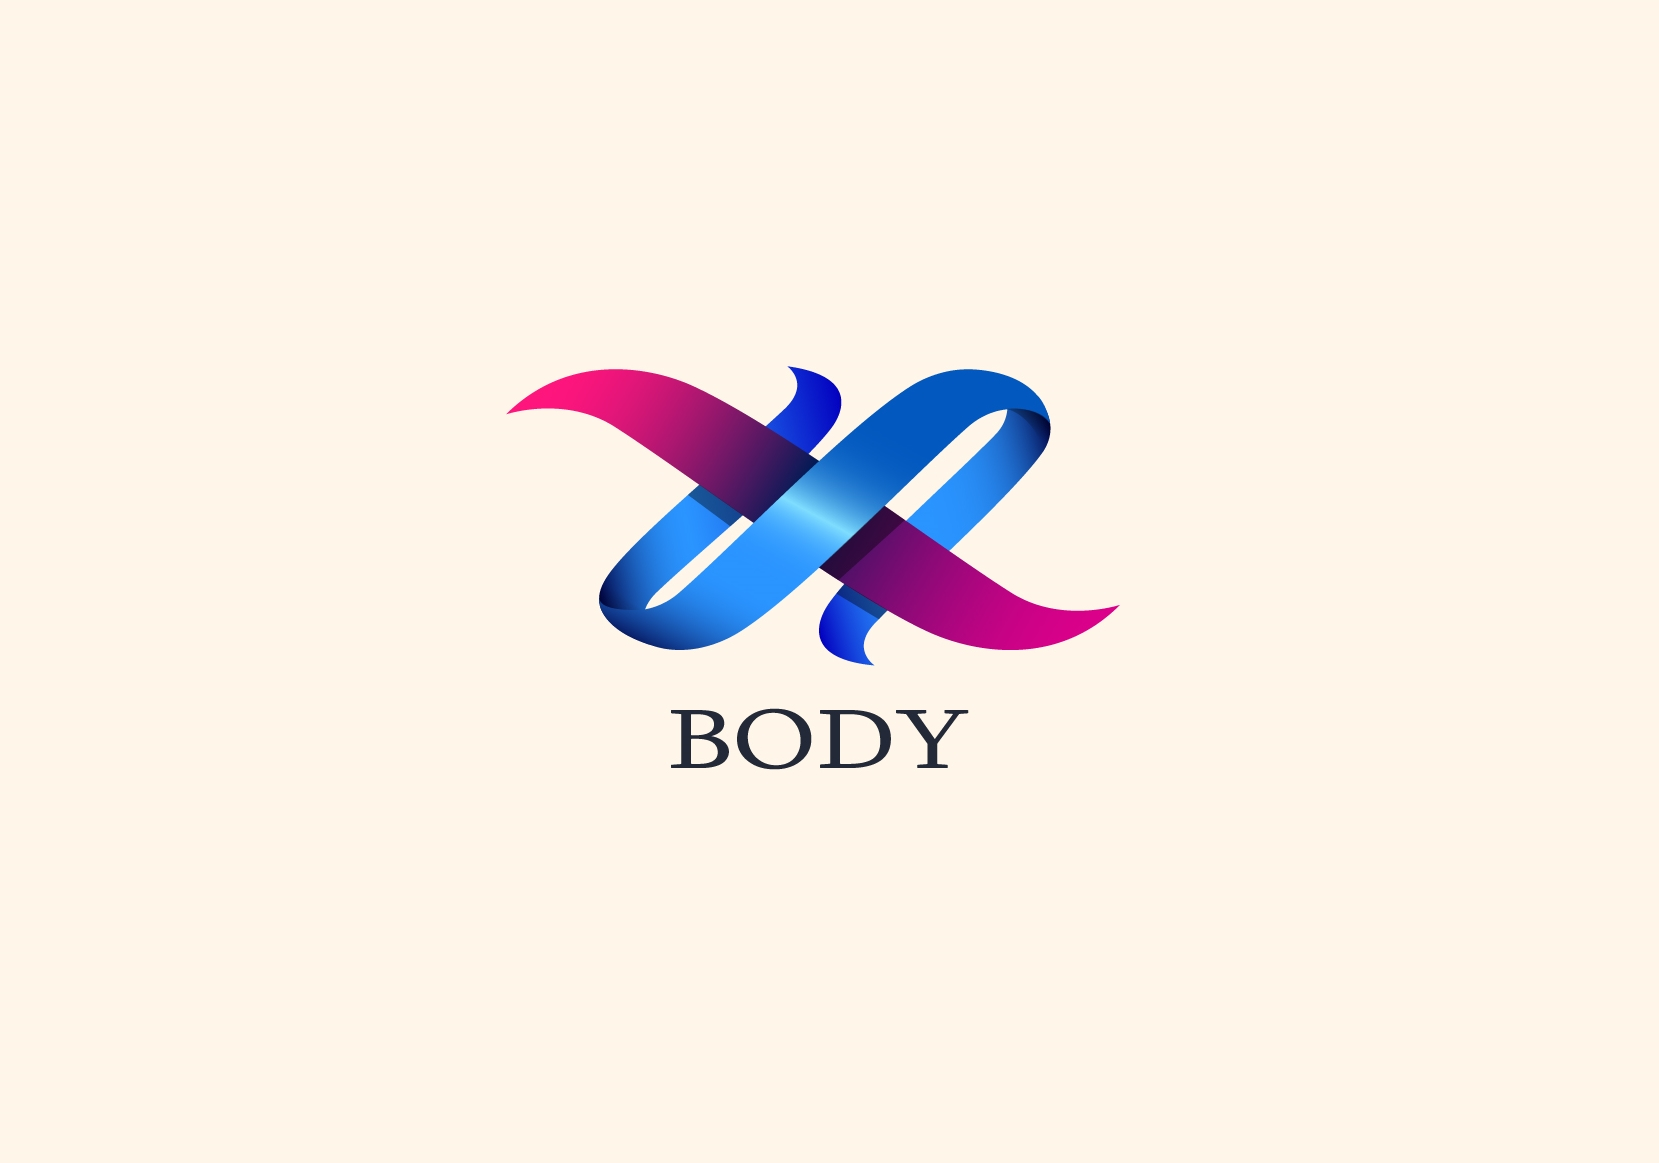 Разработка логотипа (видеоблог для моделей) фото f_0735b22deb5487ba.jpg